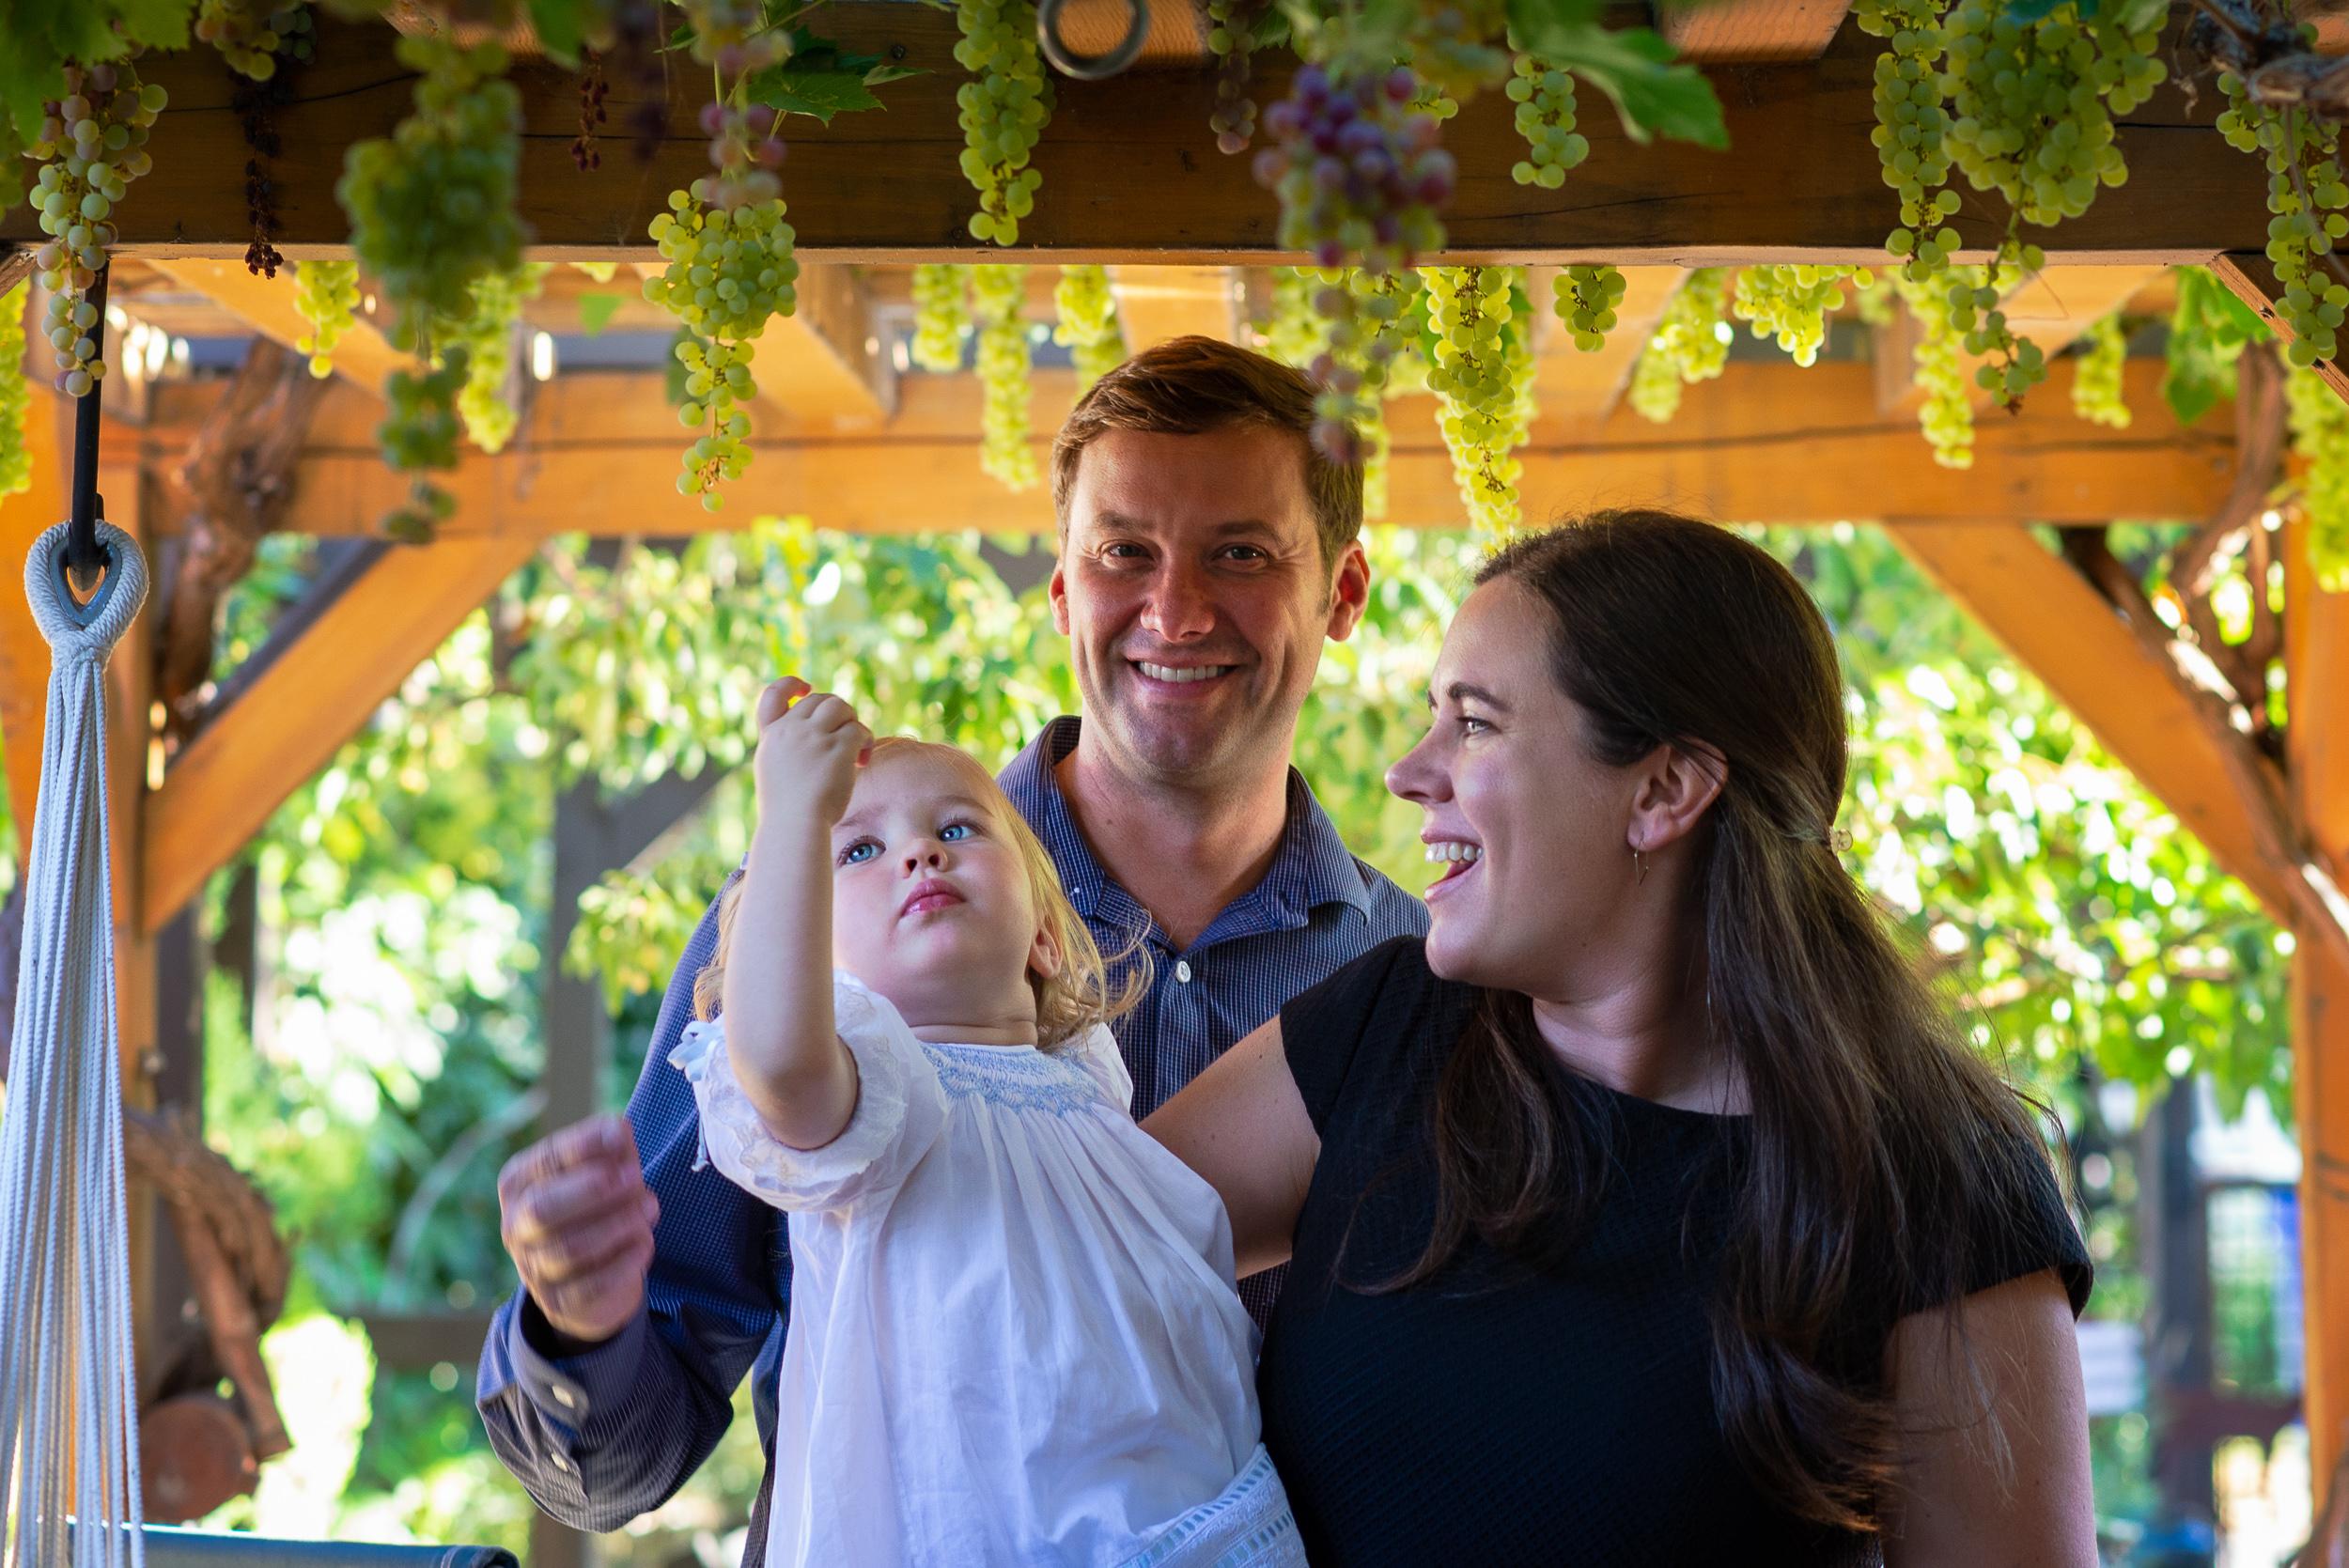 Josh, Tanner, & Eddy Family Photos 2018 - Salt Lake City, Utah